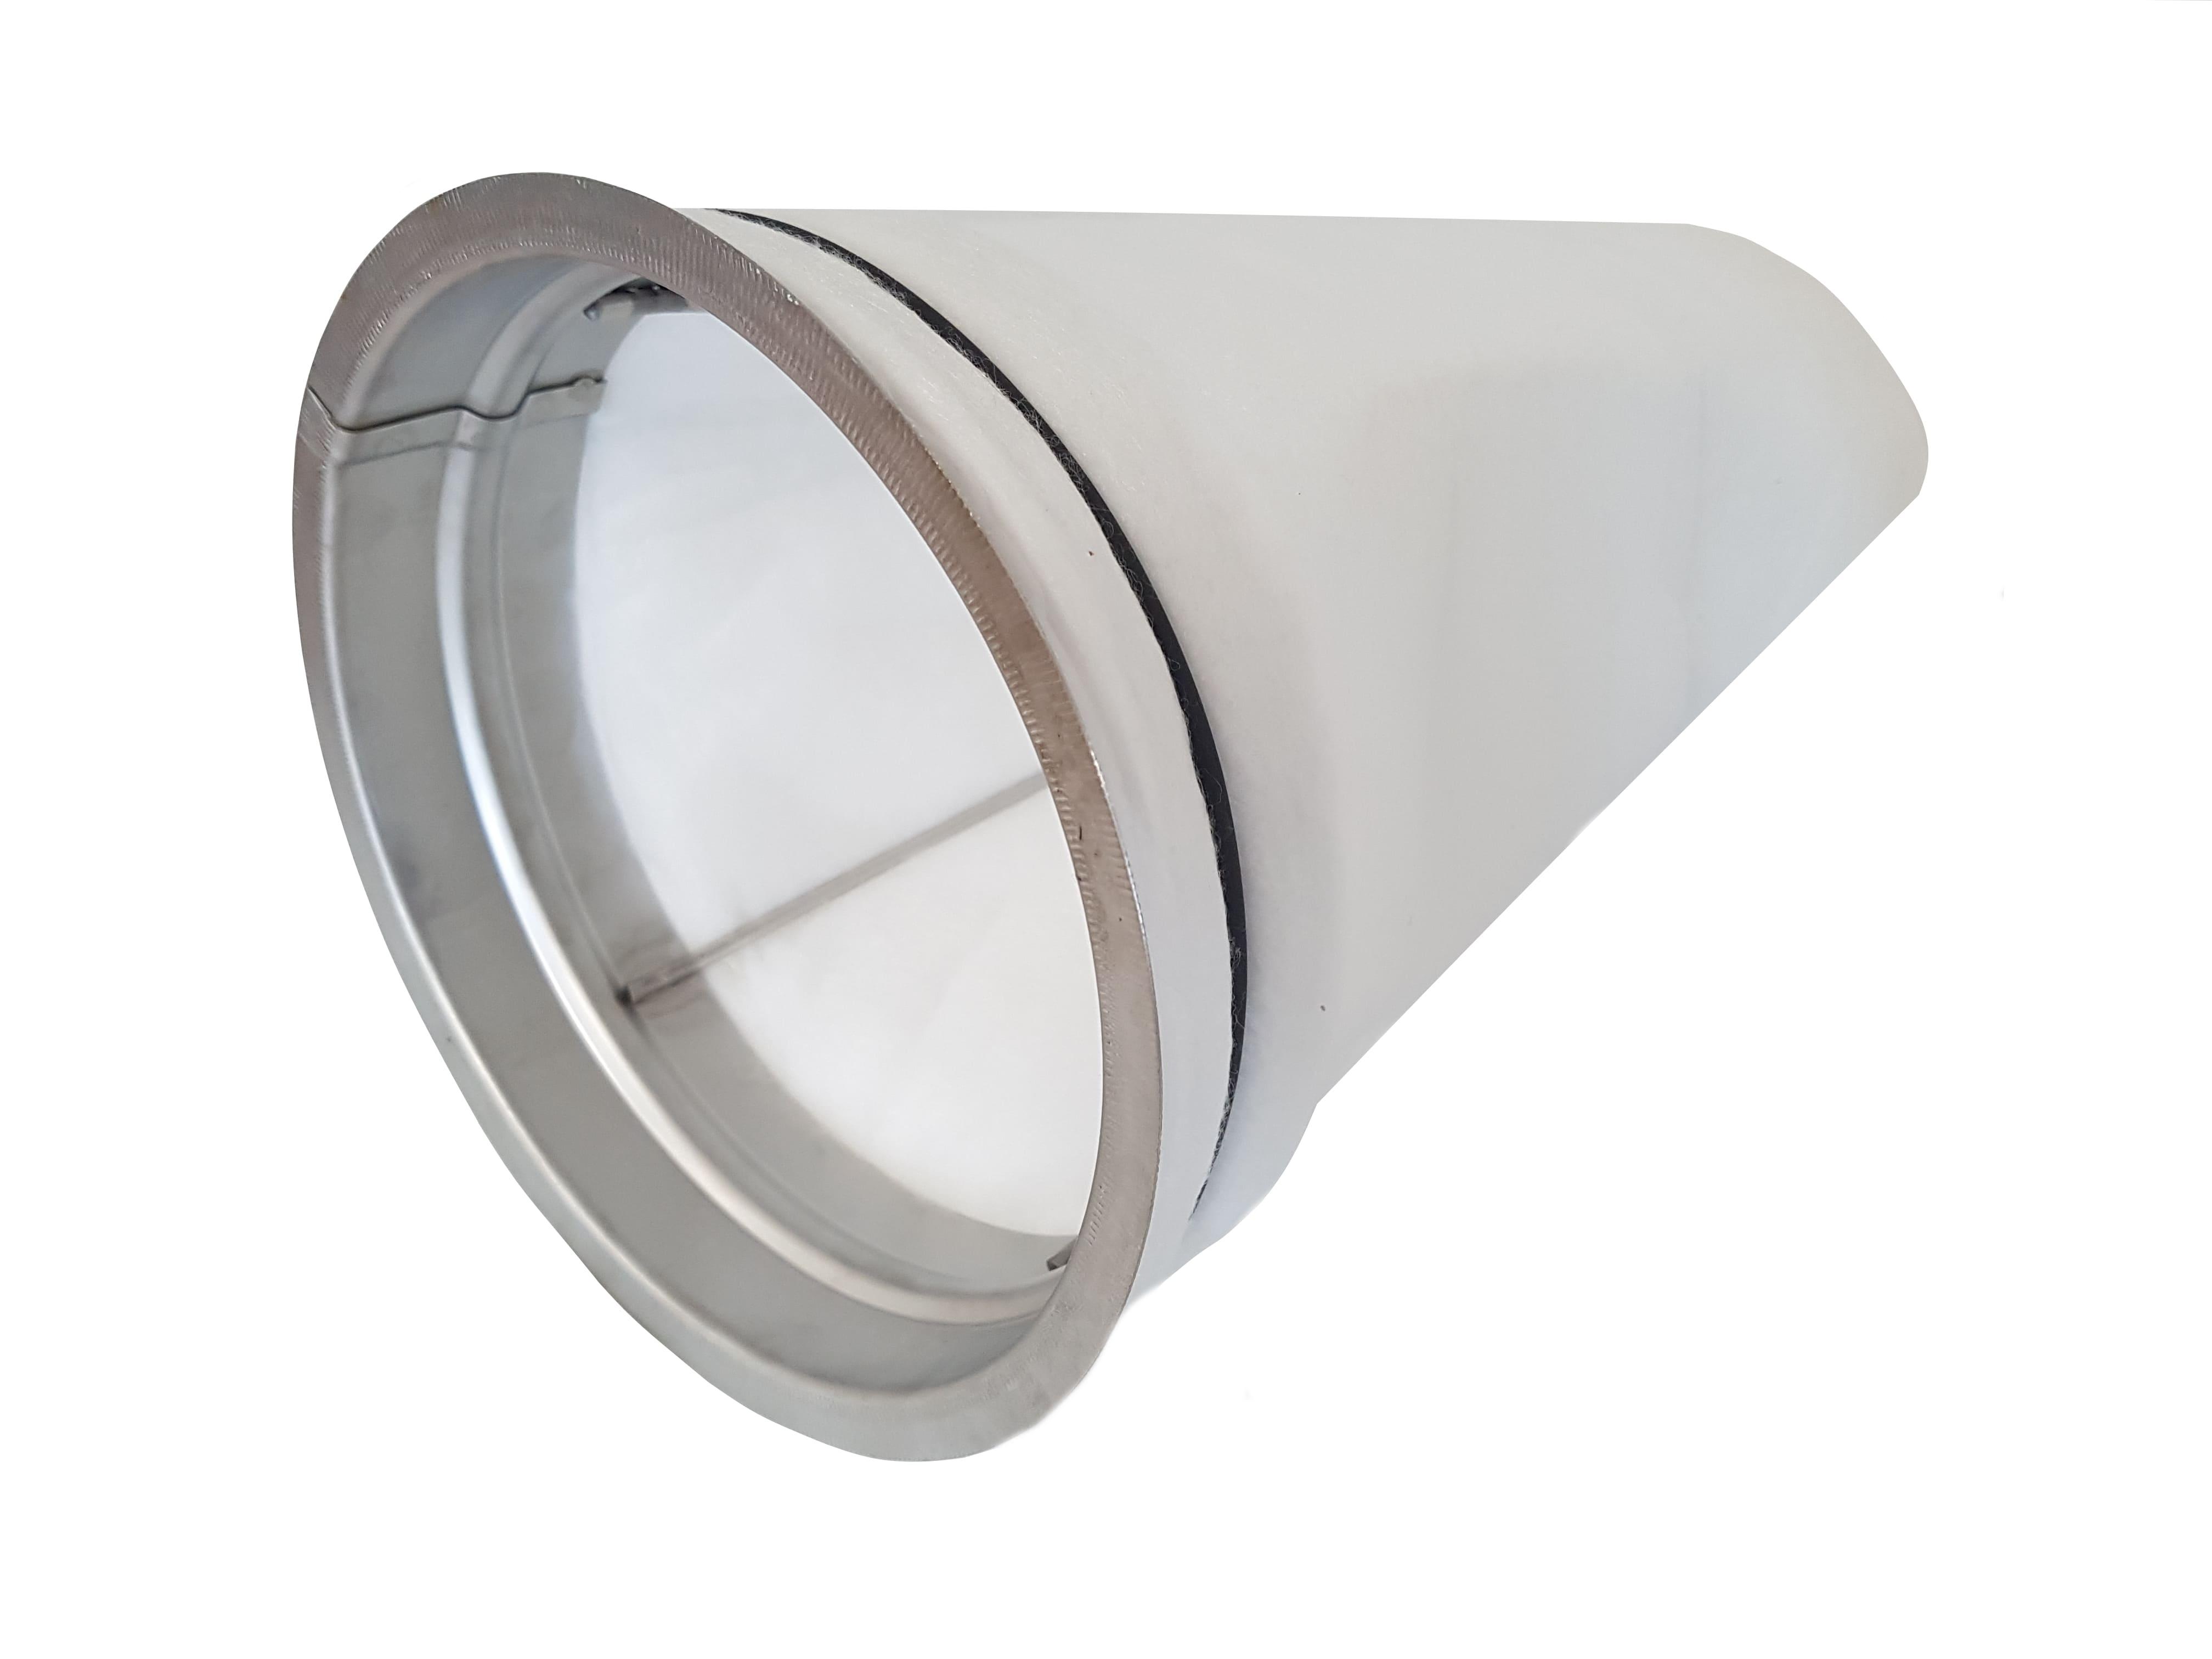 Filterkorb mit Kegelfilter für 2-teiligen Ansaugturm S315 aus Edelstahl